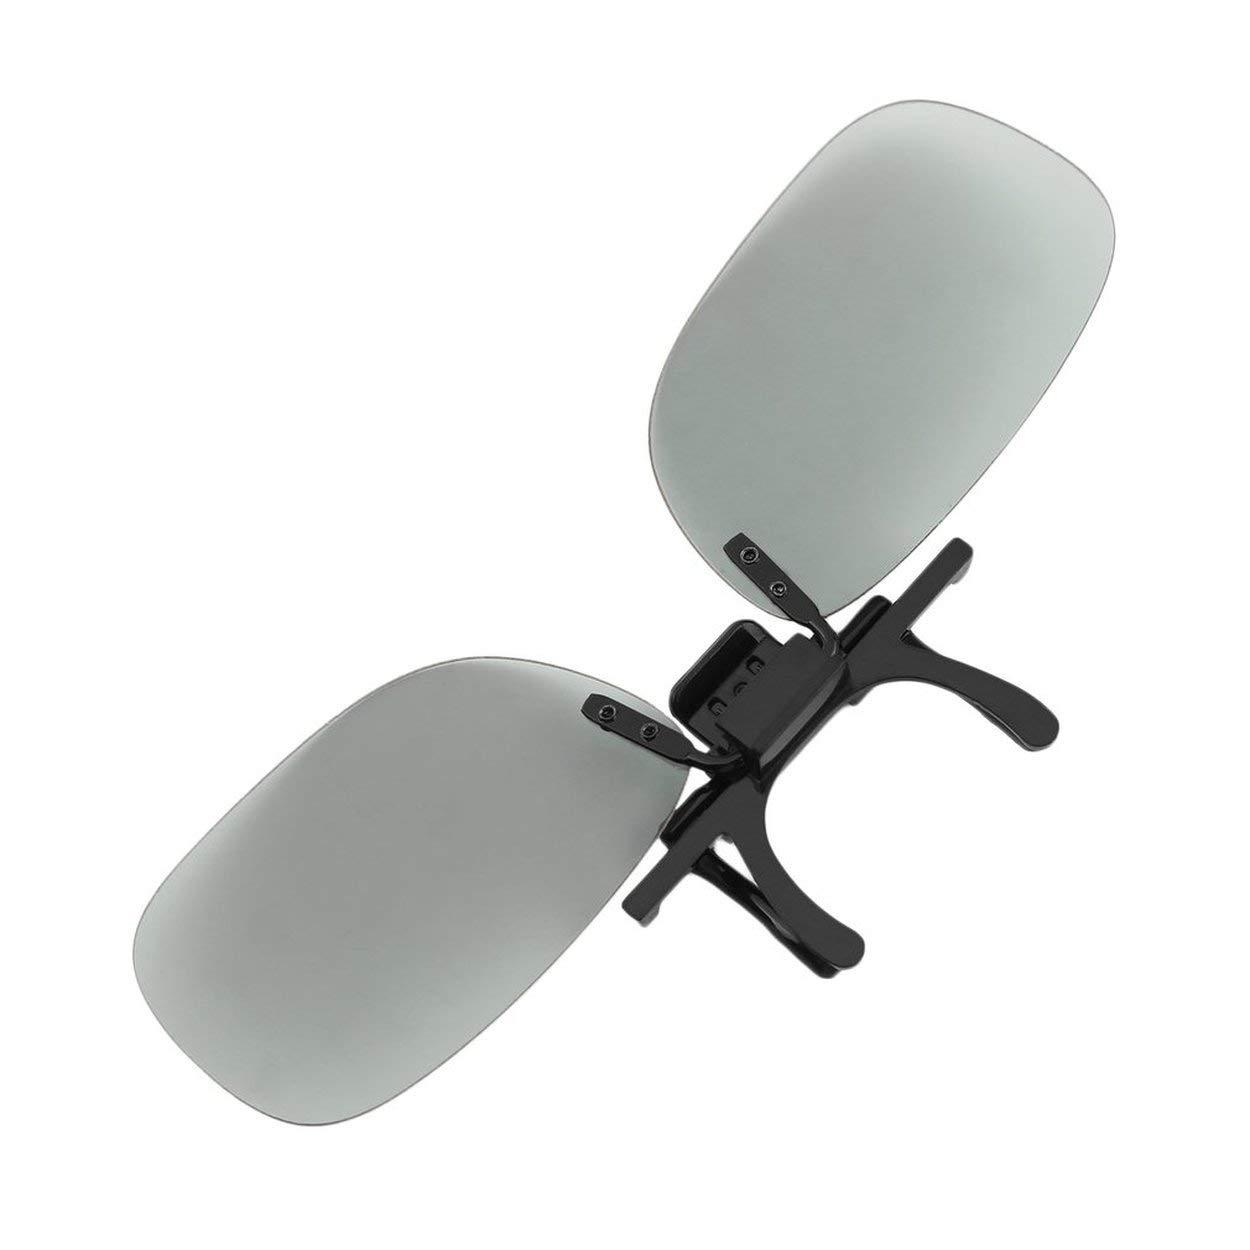 Clip 3D de Peso Ligero para Mujer y Hombre Profesional Tipo pasivo Clip de Gafas 3D Circulares para Cine de TV en 3D: Amazon.es: Deportes y aire libre